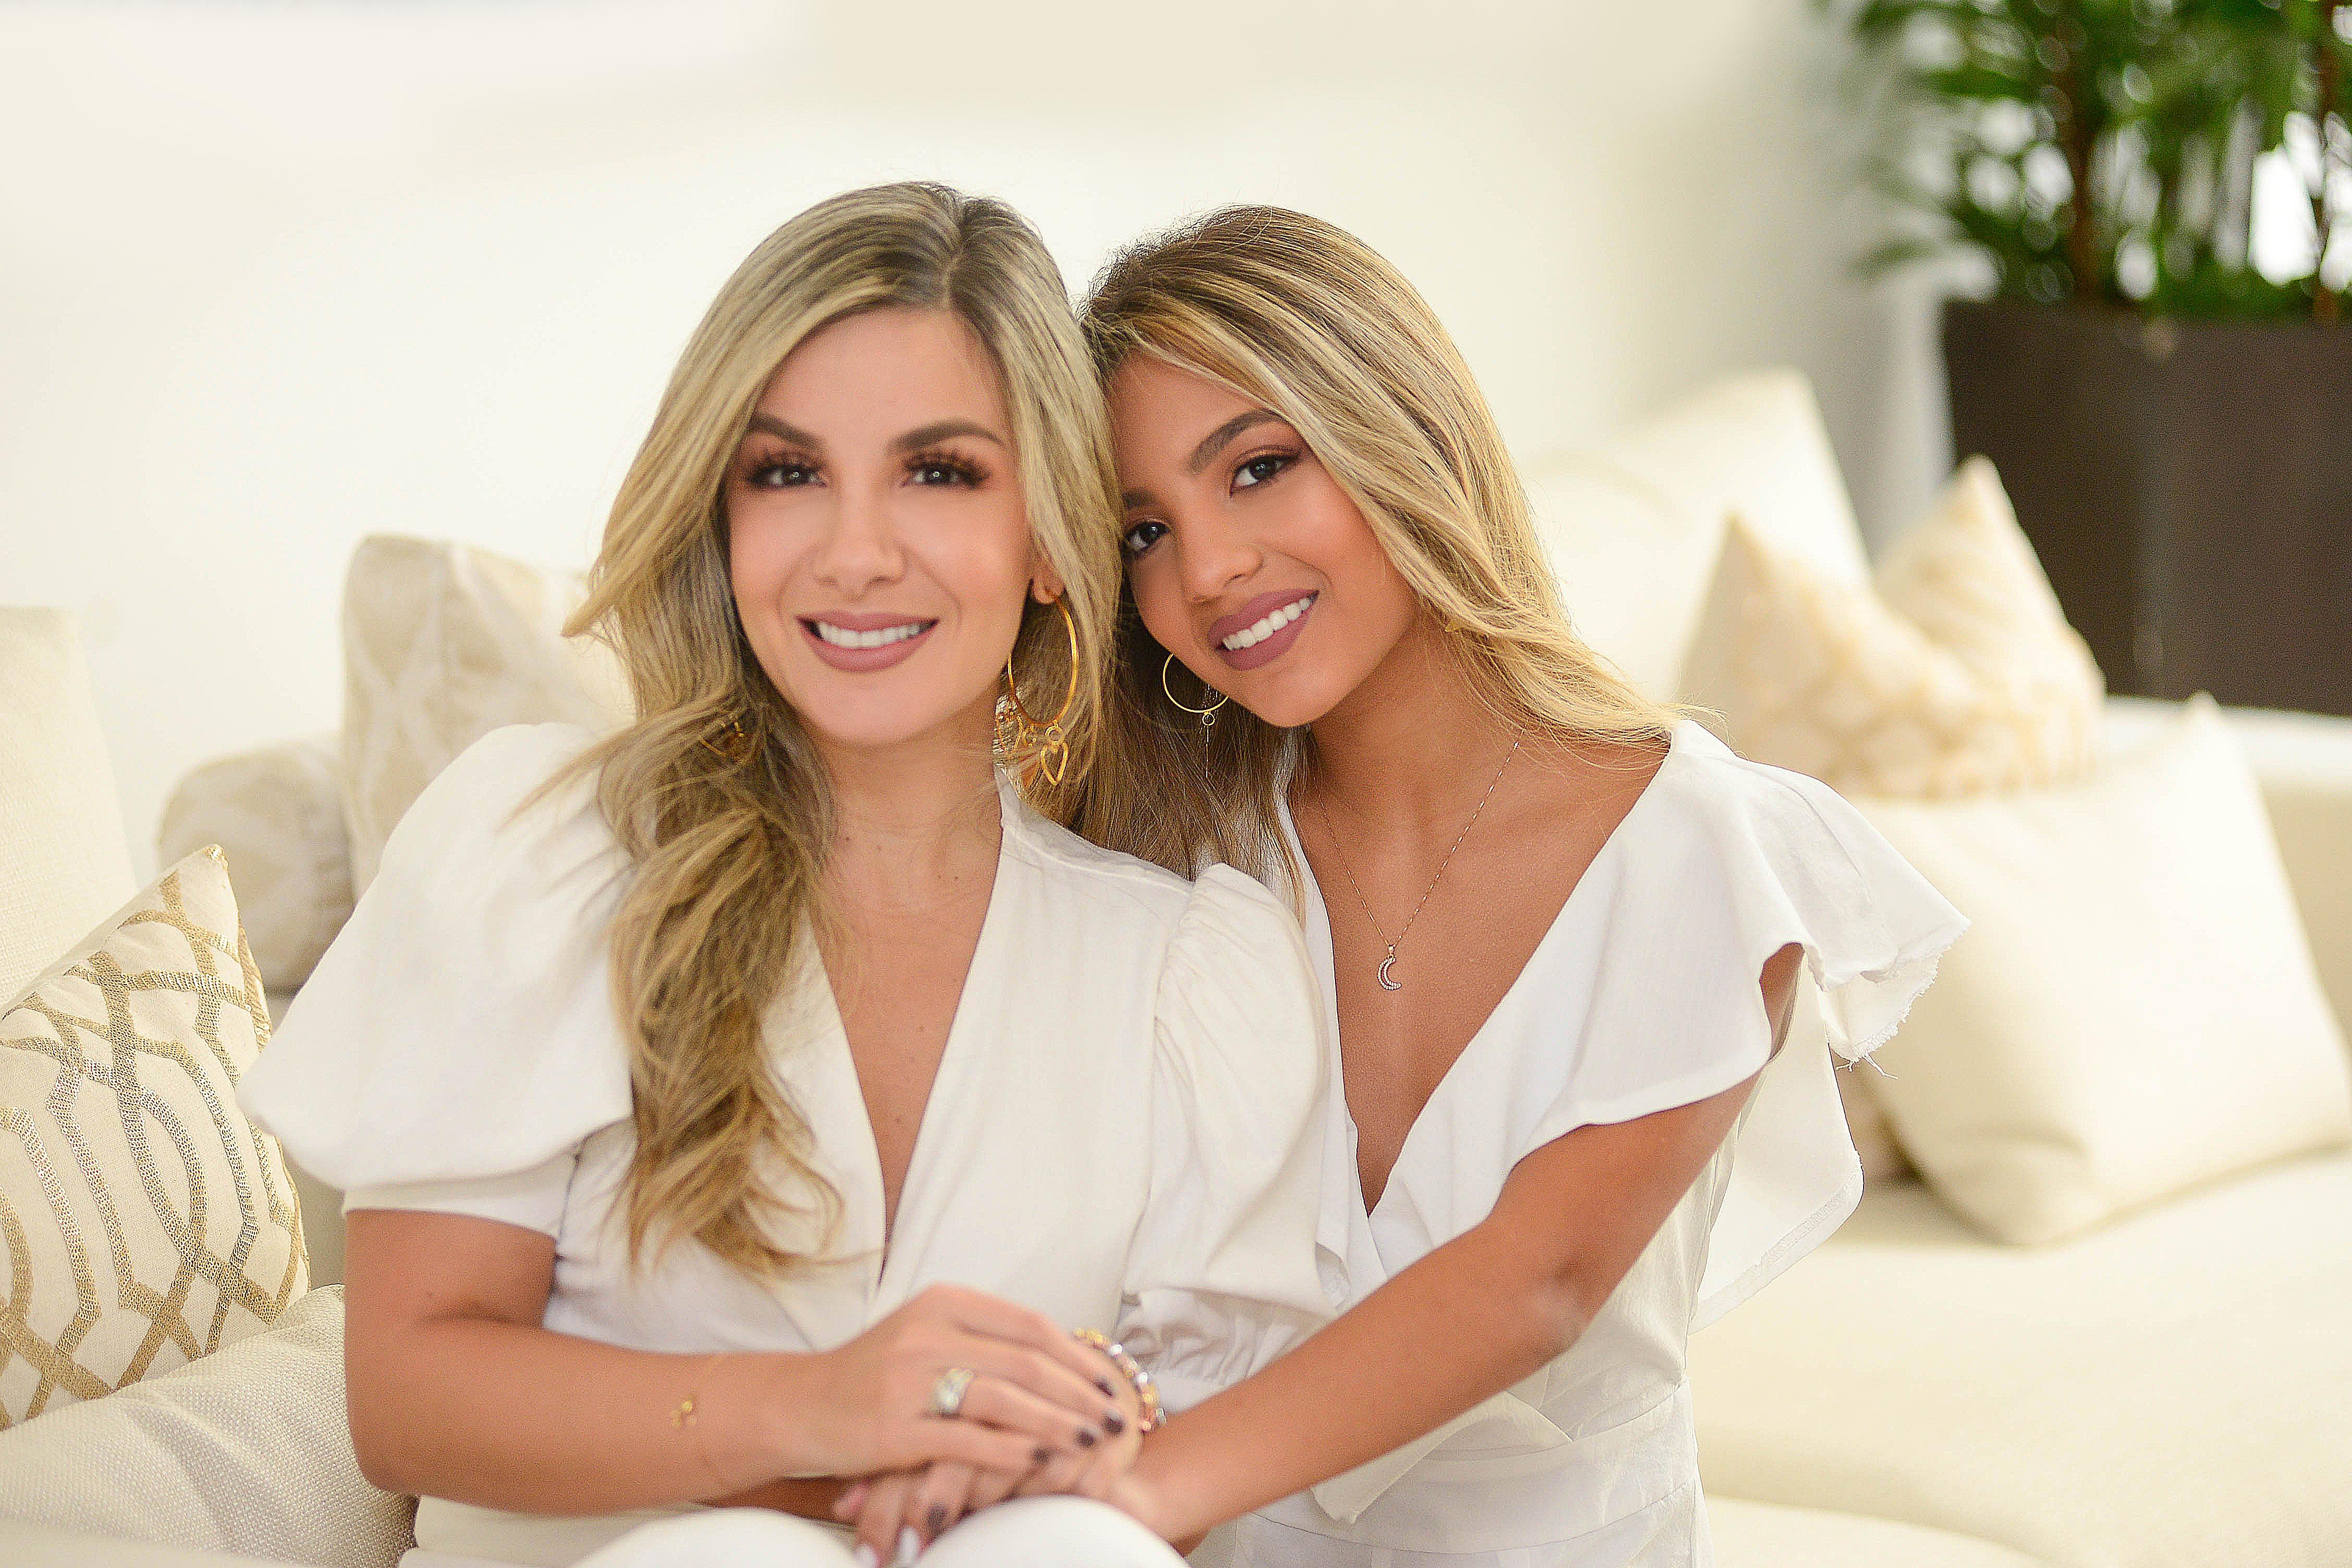 Liliana en compañía de su hija Gabriella.